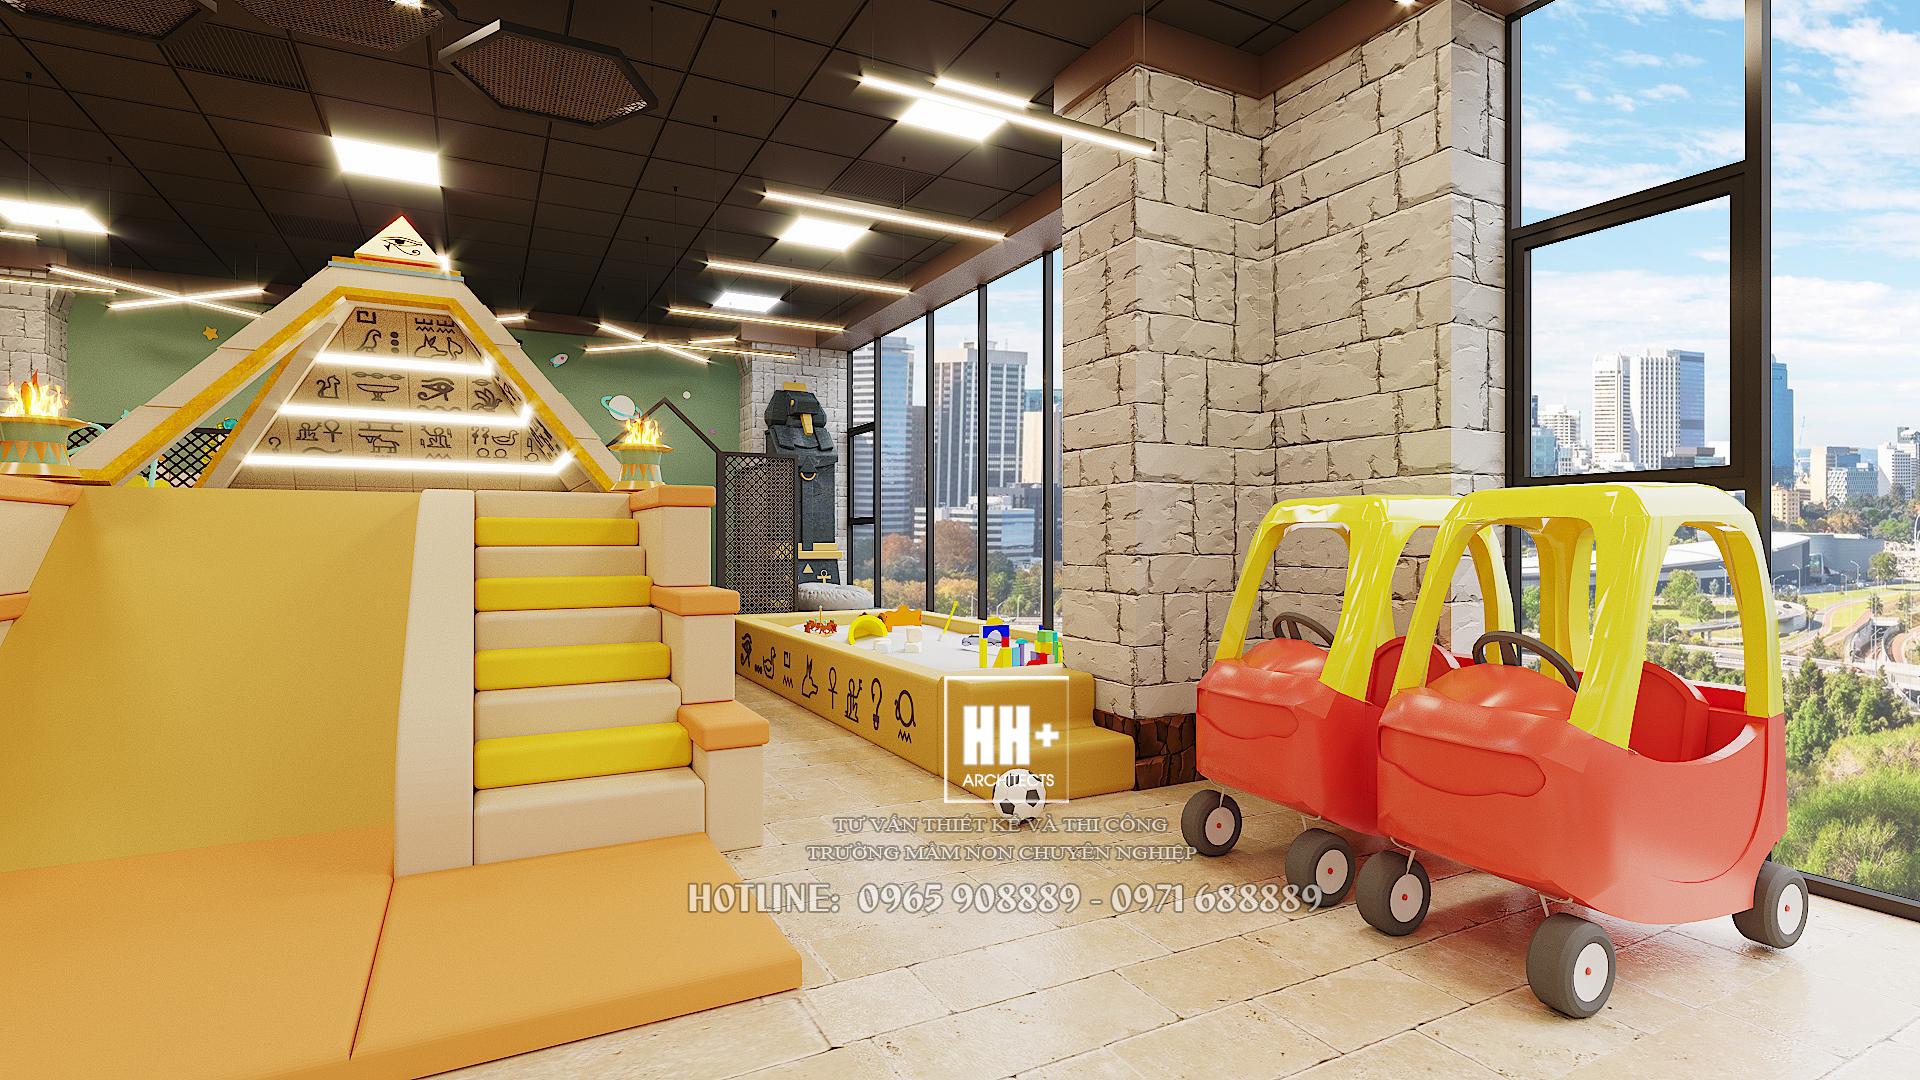 9 Thiết kế khu vui chơi trẻ em Thiết kế khu vui chơi trẻ em Hello World 9